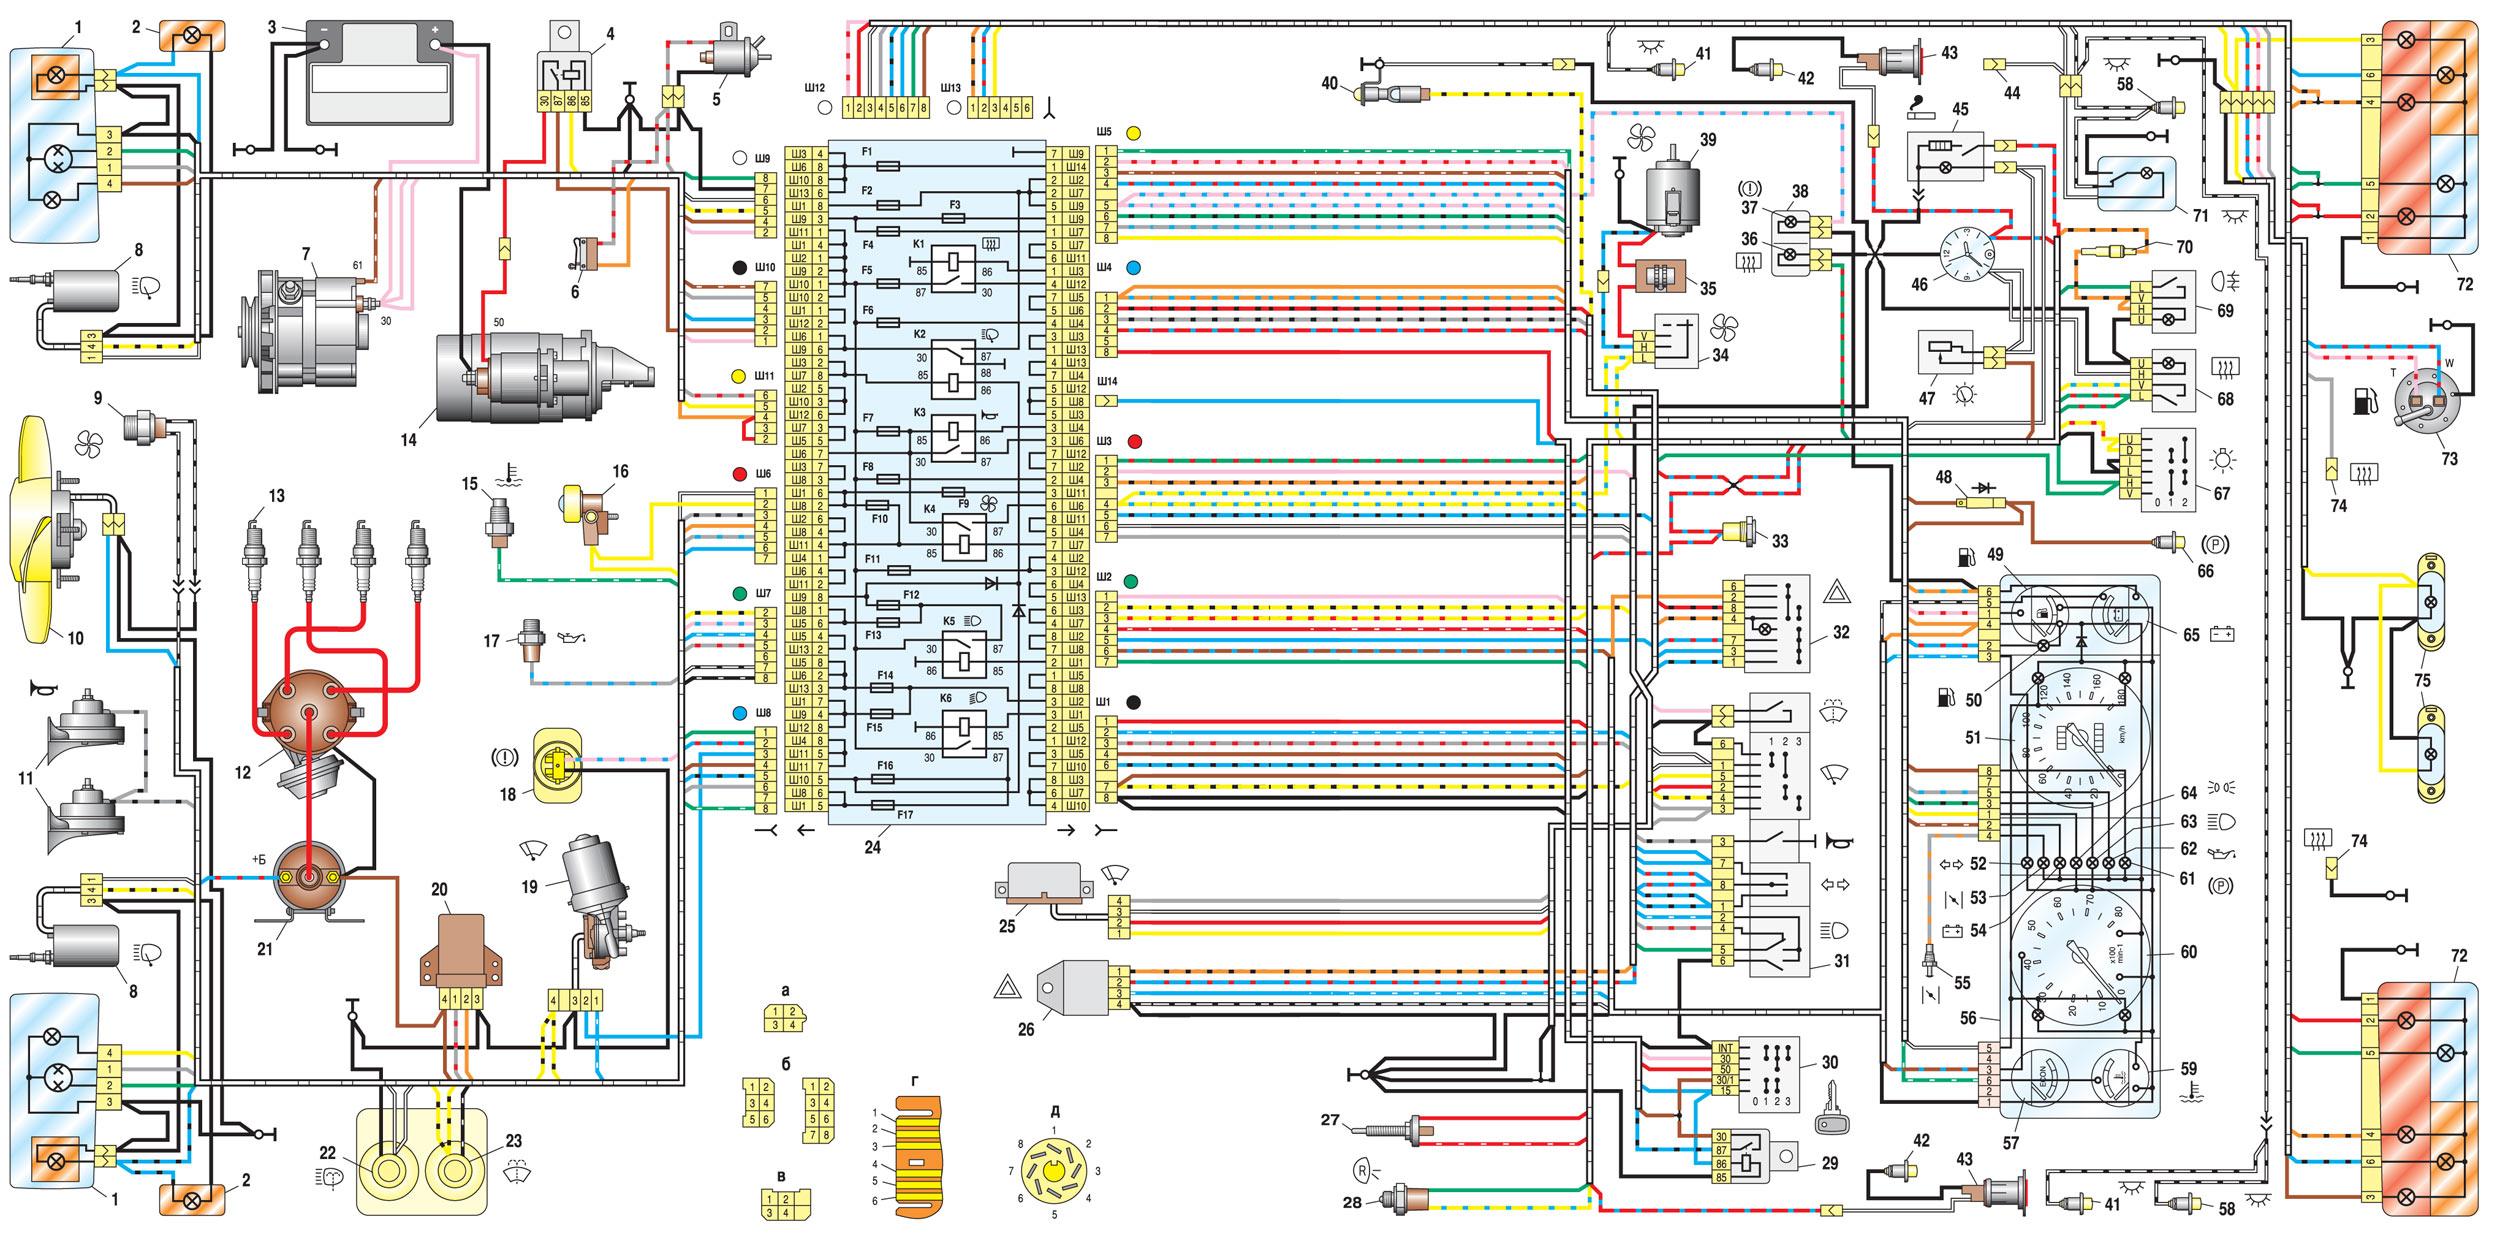 Электрическая схема ВАЗ 2107, 21074 выпуска 1988-2001 годов с генератором 37.3701